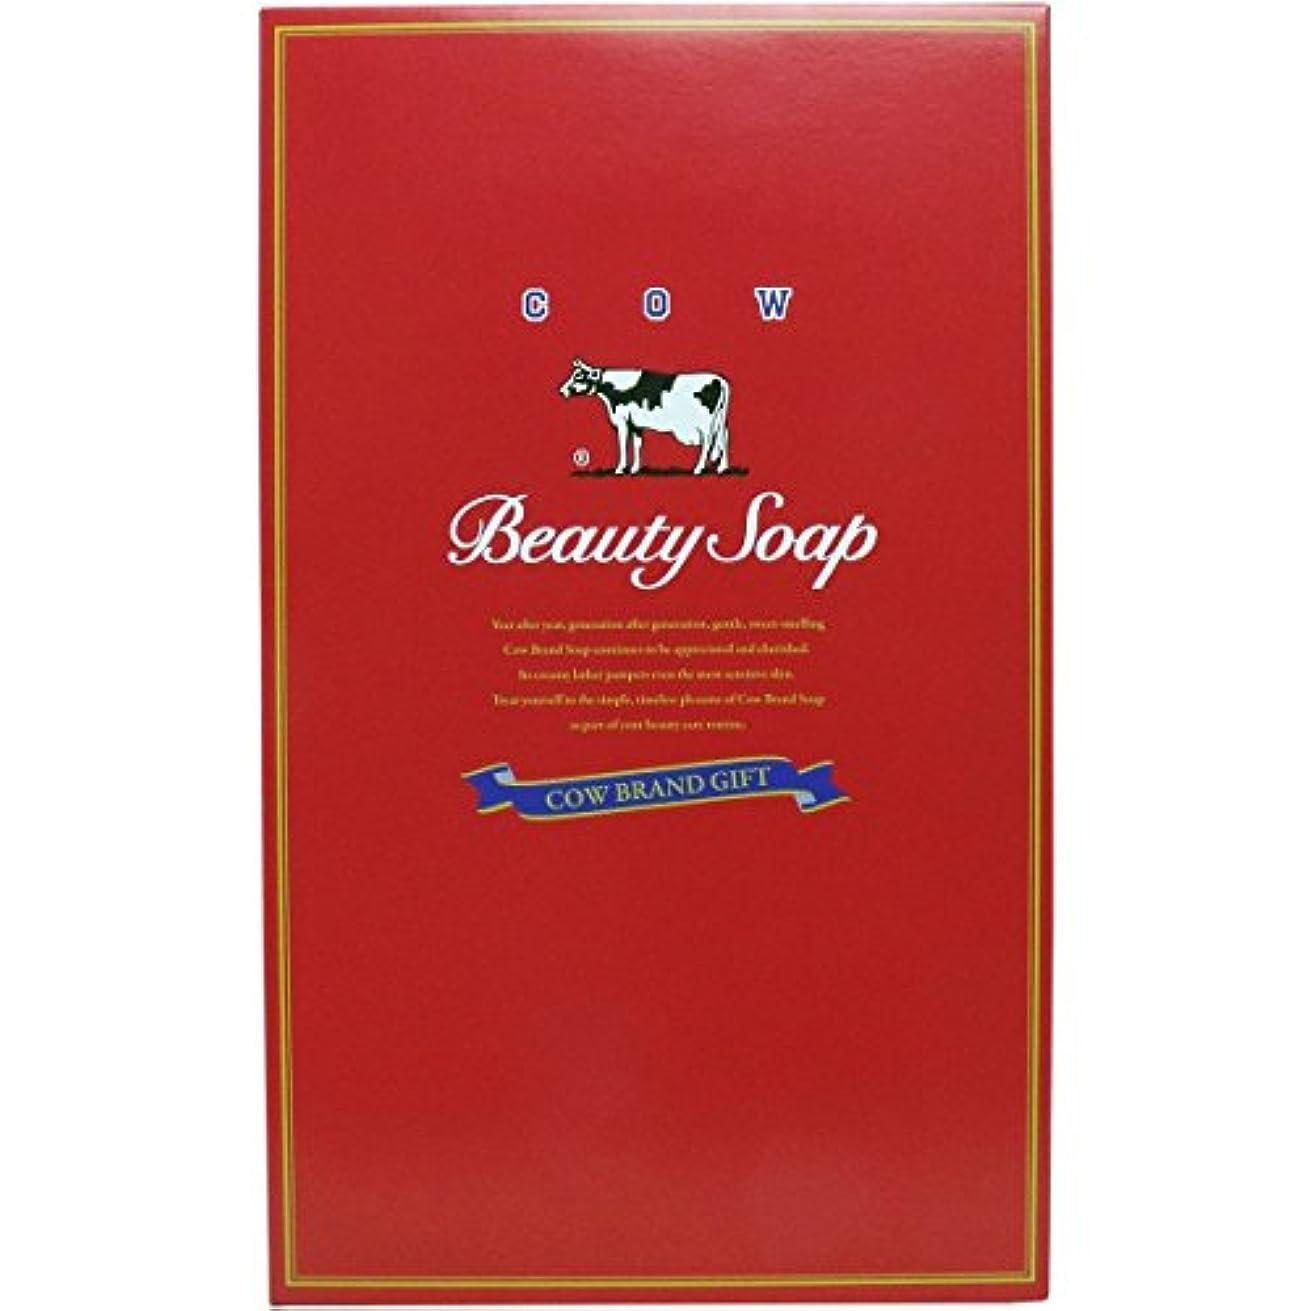 憂慮すべき十分ではないメールを書く牛乳石鹸共進社 カウブランド石鹸 赤箱 100g×10個×3箱